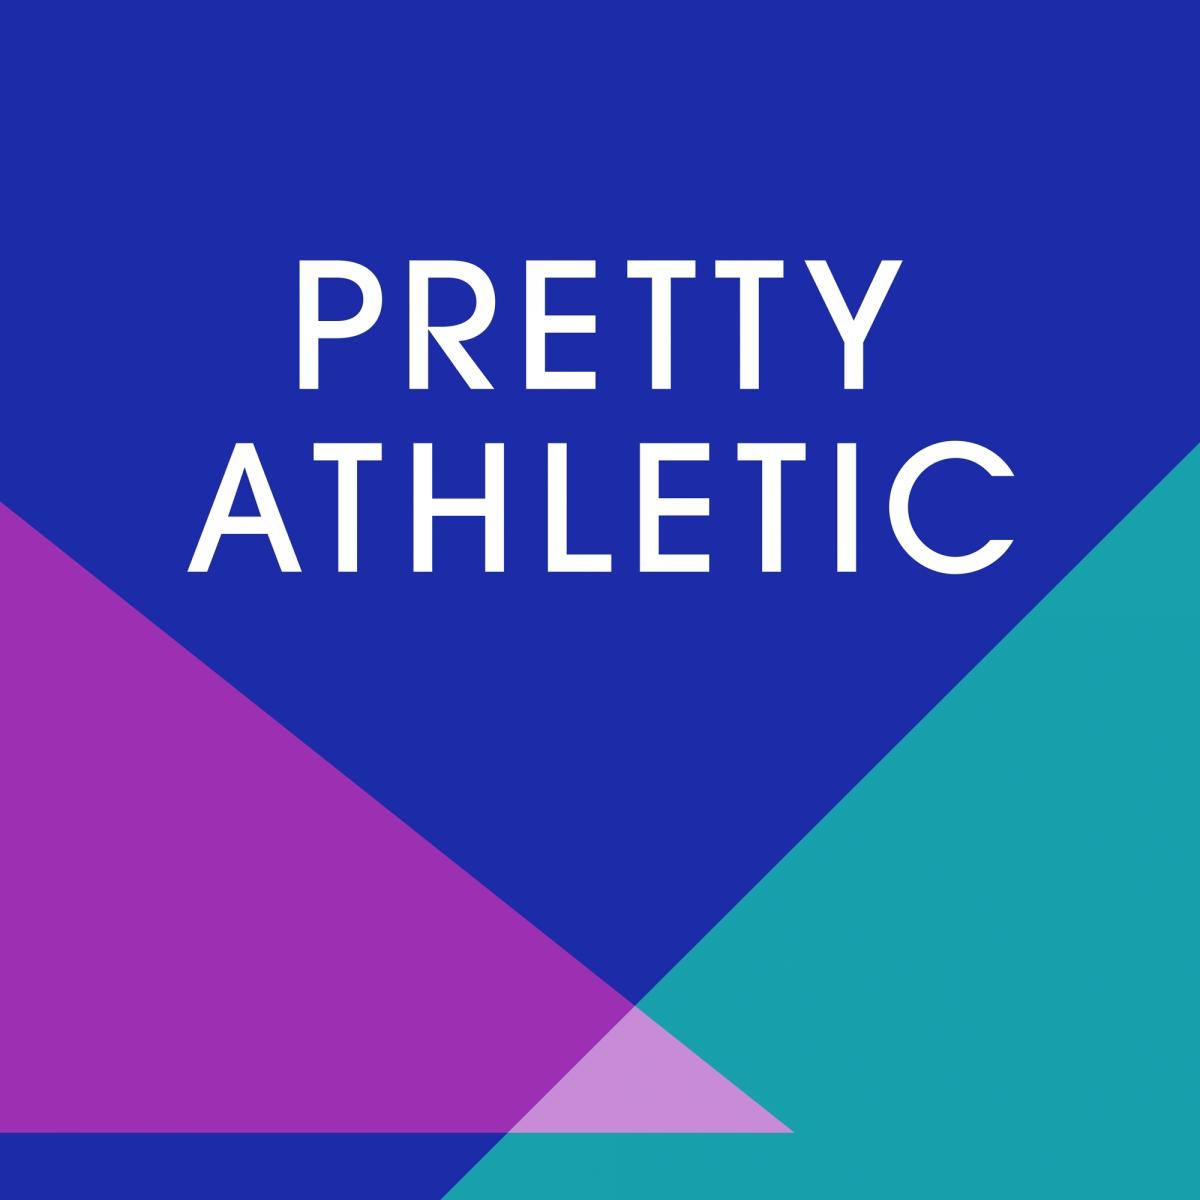 Pretty Athletic